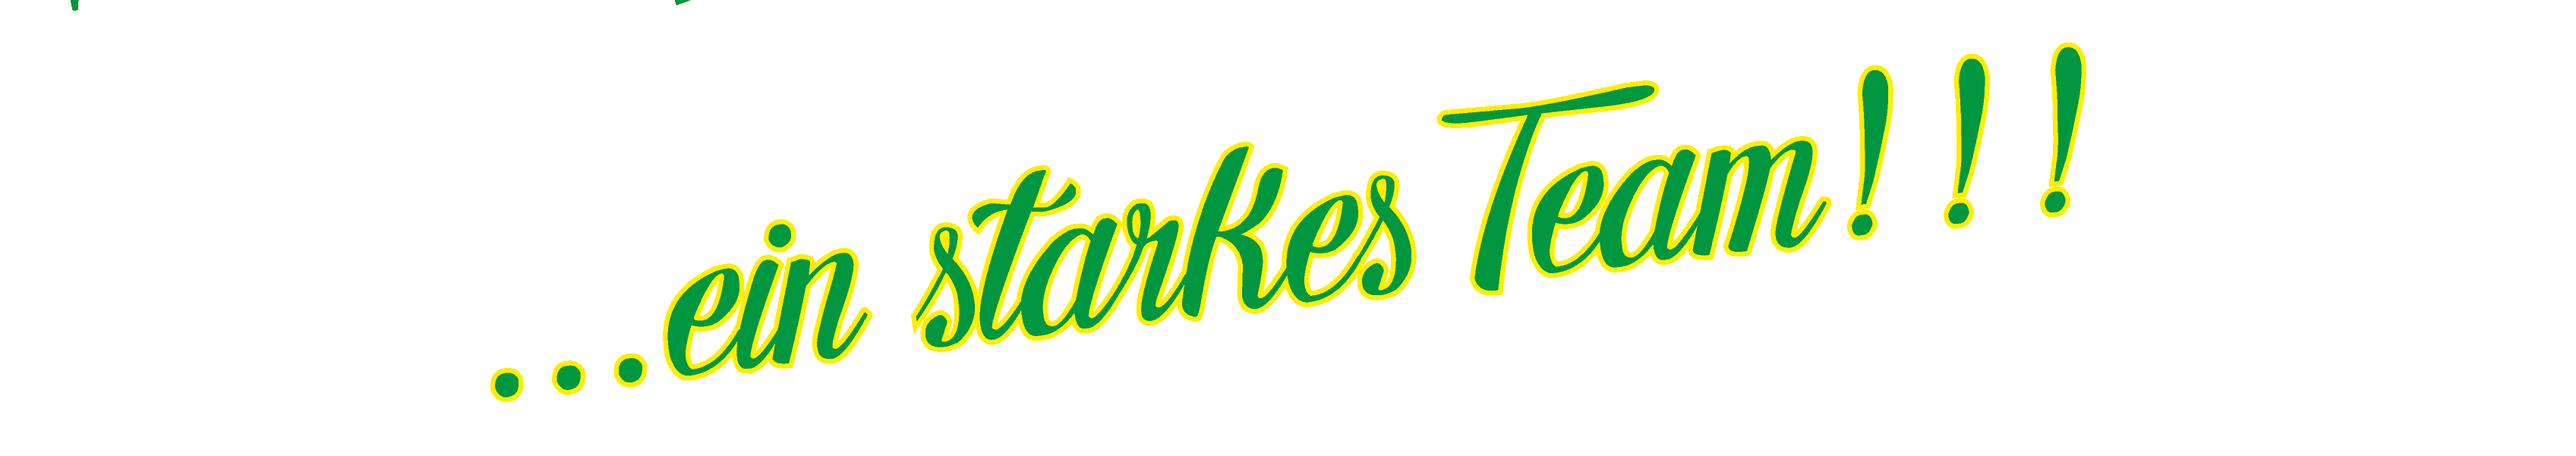 Odenbach-Transporte - ein-starkes-team